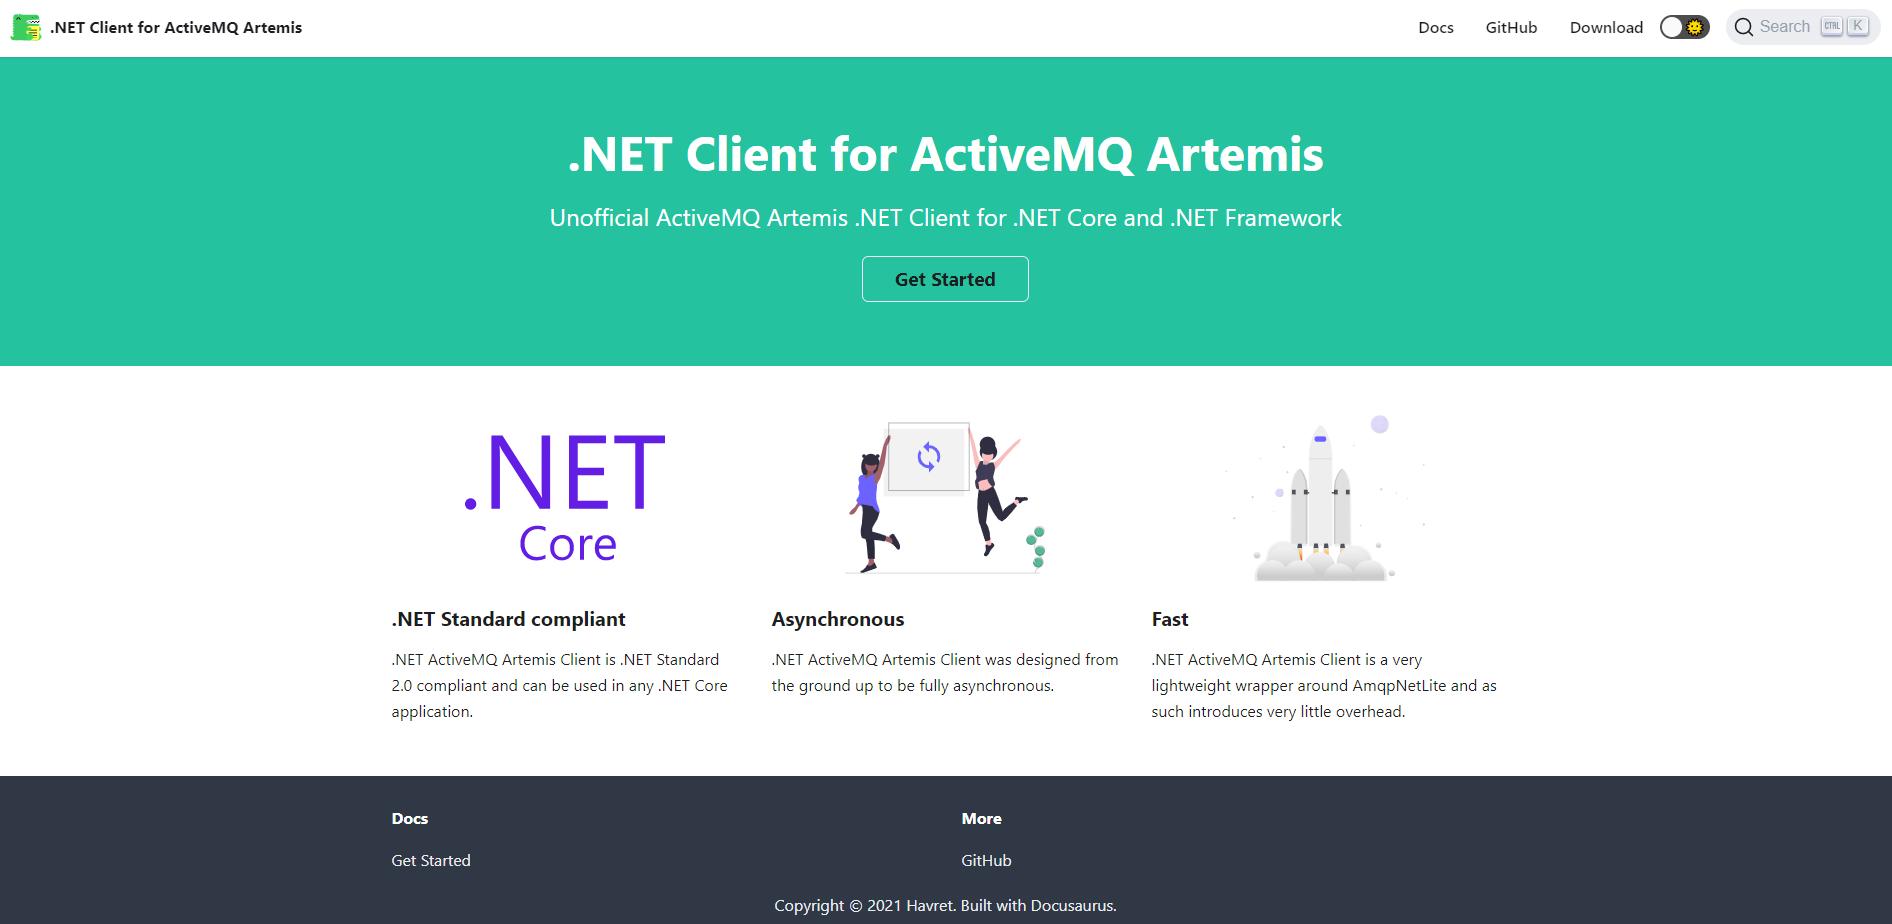 .NET Client for ActiveMQ Artemis